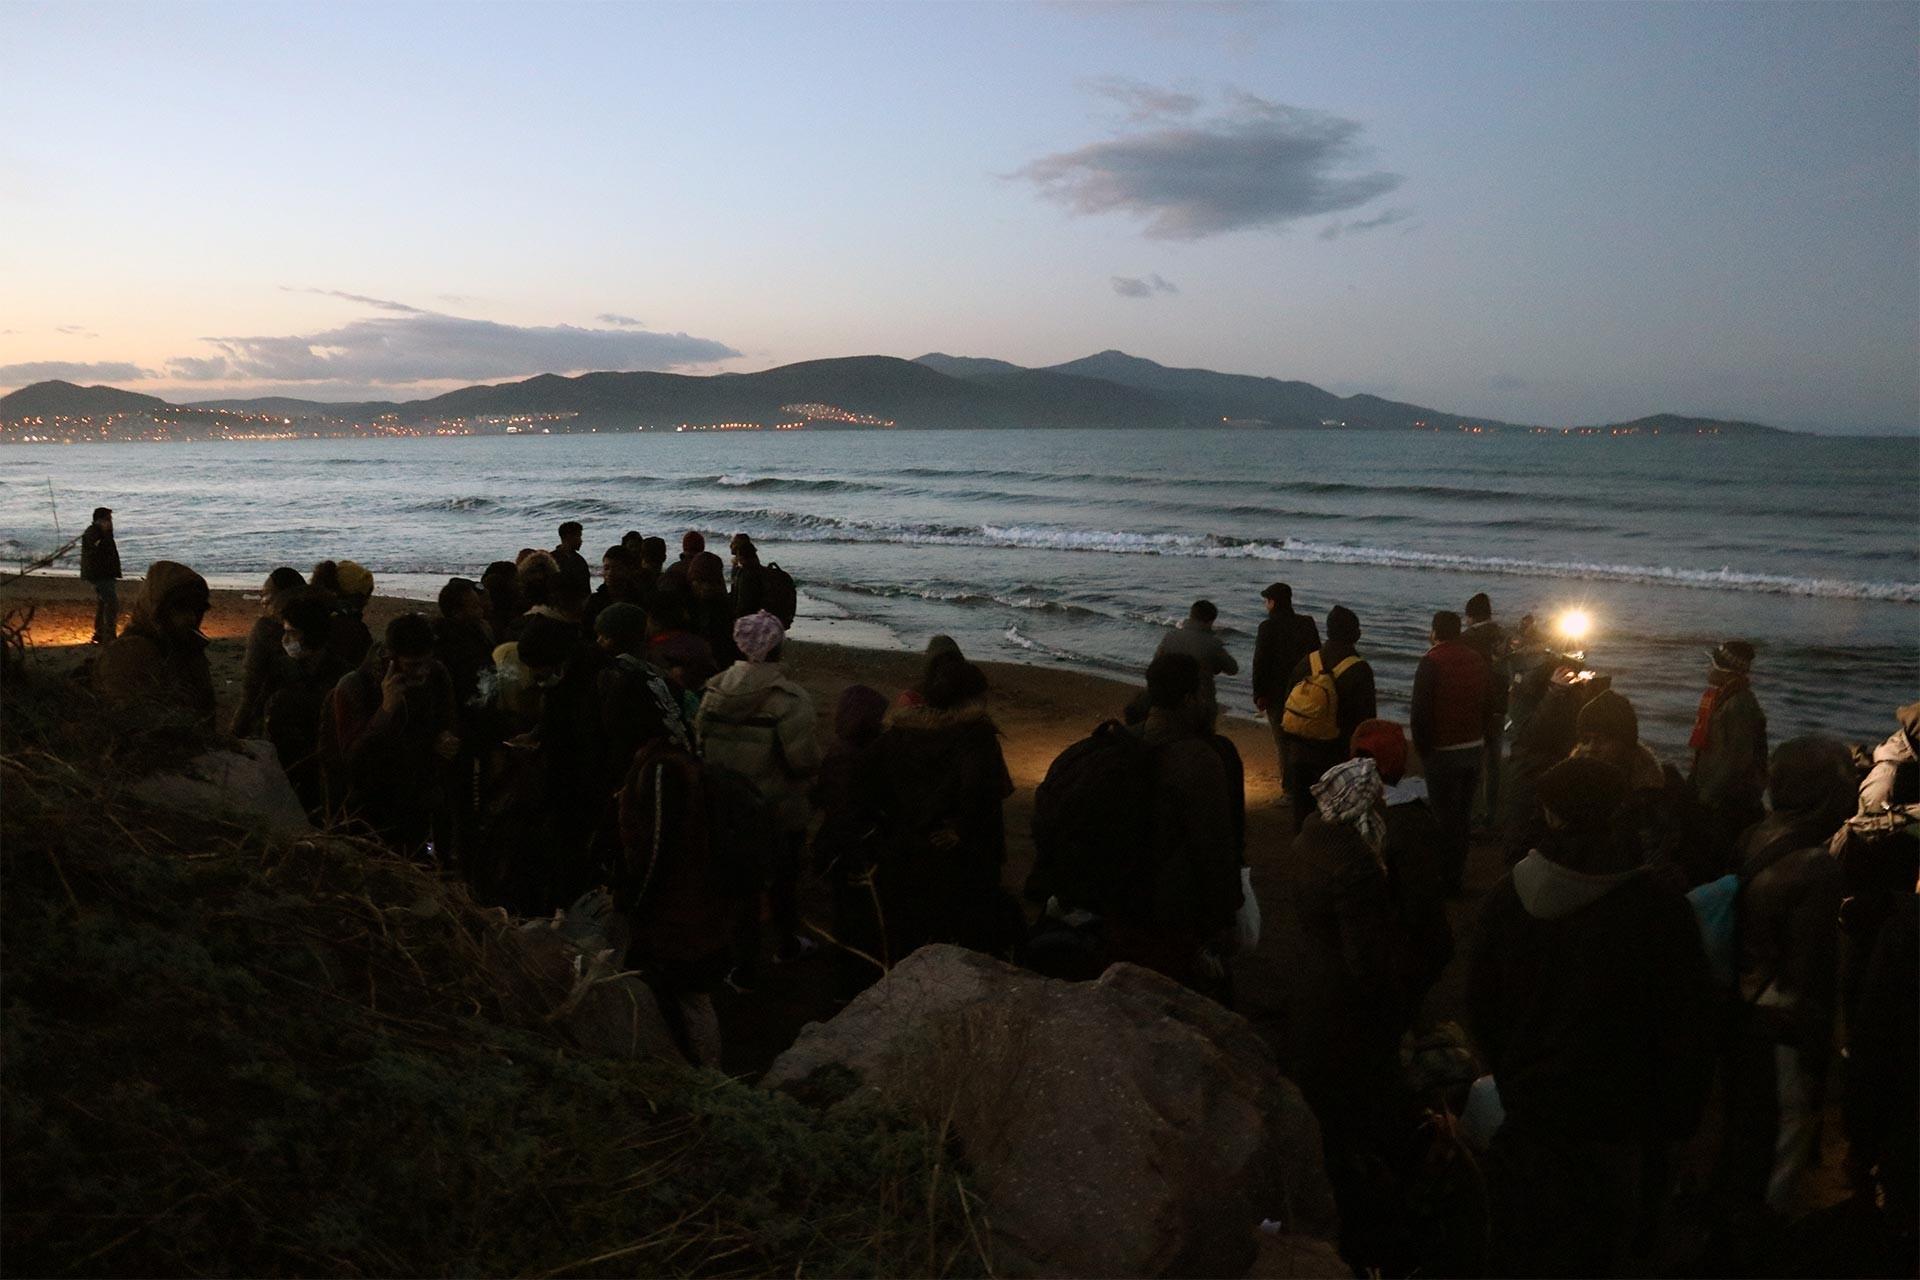 İzmir'den Yunan adalarına geçmek için sahilde bekleyen mülteciler